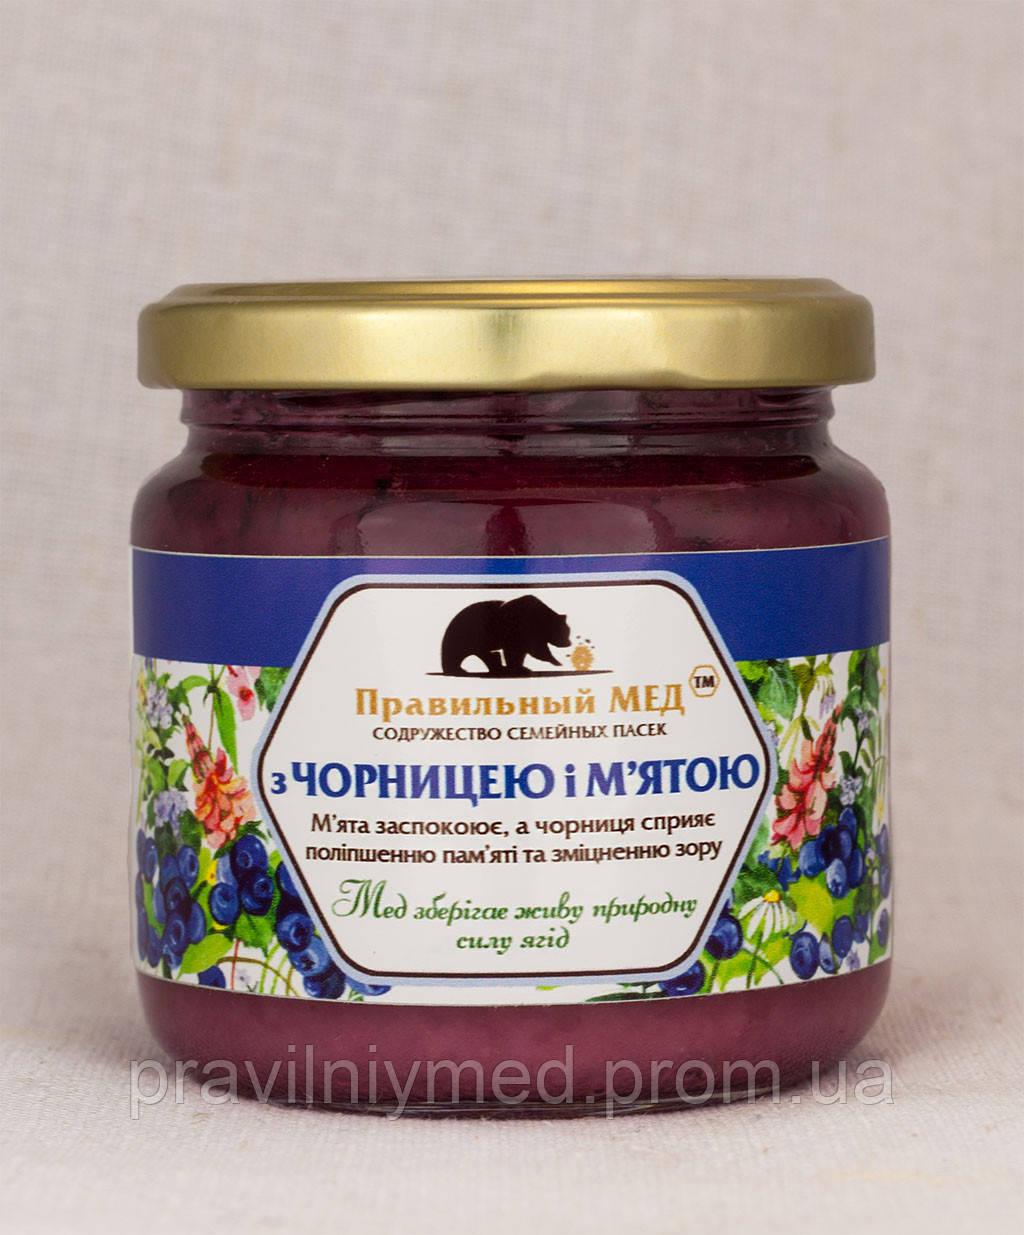 Мёд с Черникой и Мятой. Крем-Мед с Добавлением Ягод и Трав. ТМ Правильный Мёд